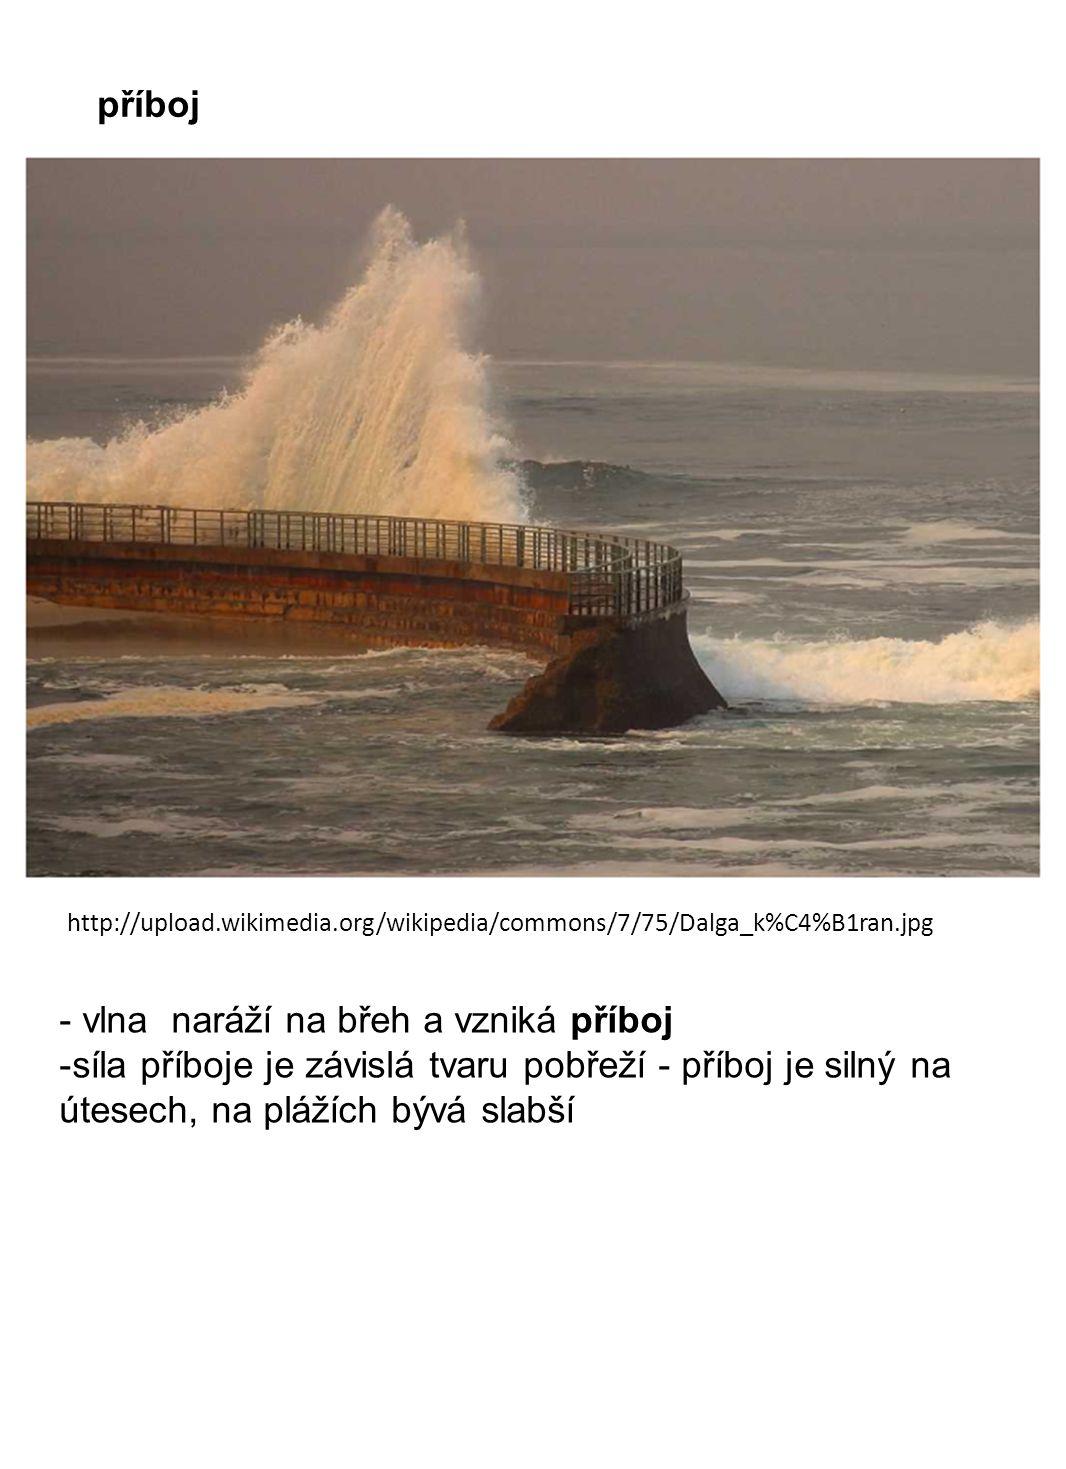 http://upload.wikimedia.org/wikipedia/commons/7/75/Dalga_k%C4%B1ran.jpg příboj - vlna naráží na břeh a vzniká příboj -síla příboje je závislá tvaru pobřeží - příboj je silný na útesech, na plážích bývá slabší